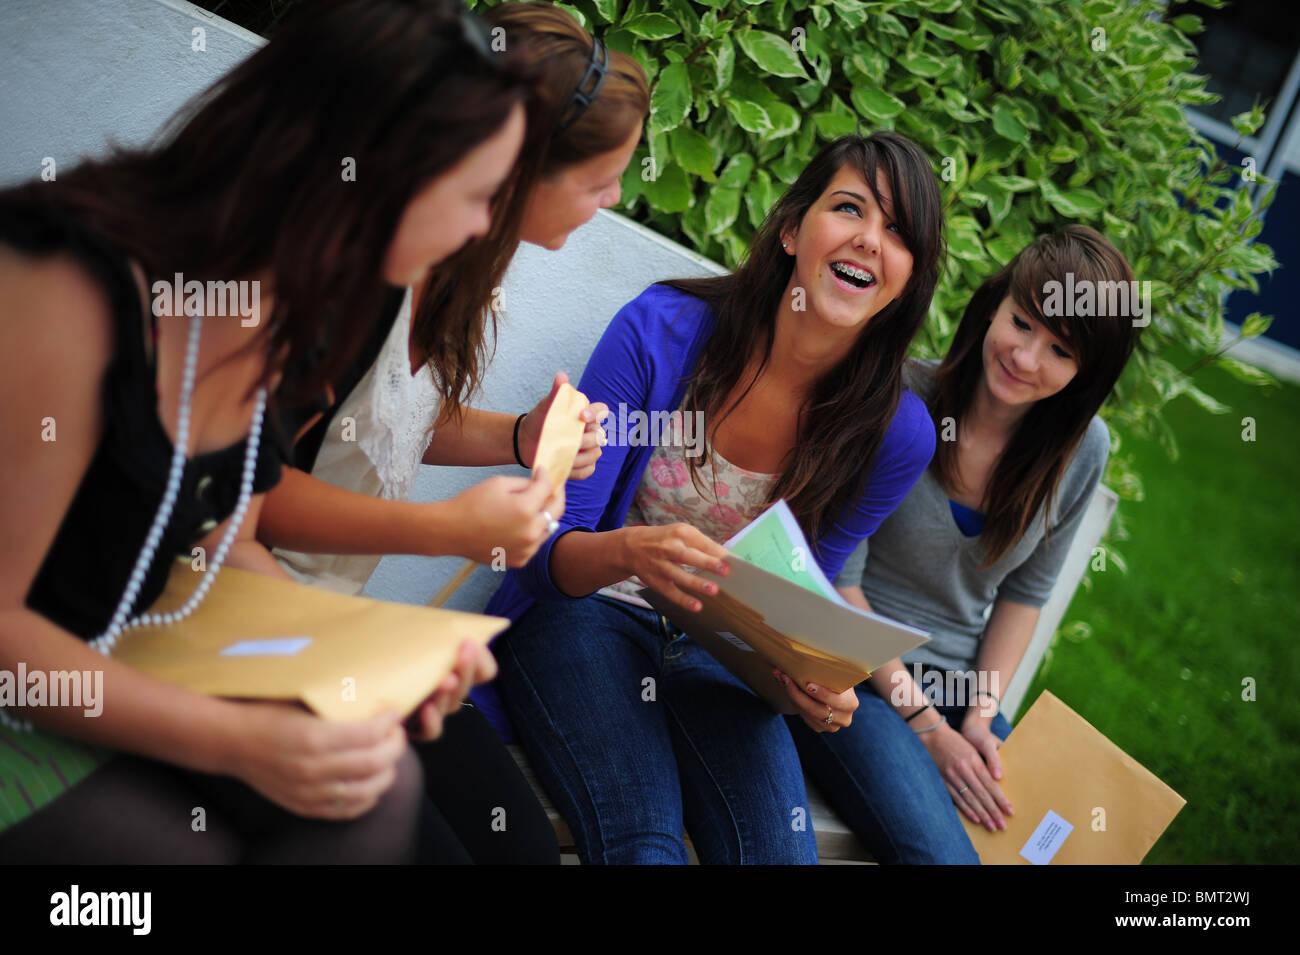 vier Schülerinnen Schüler saßen öffnen ihre GCSE-Prüfungsergebnisse in Treviglas Community Stockbild